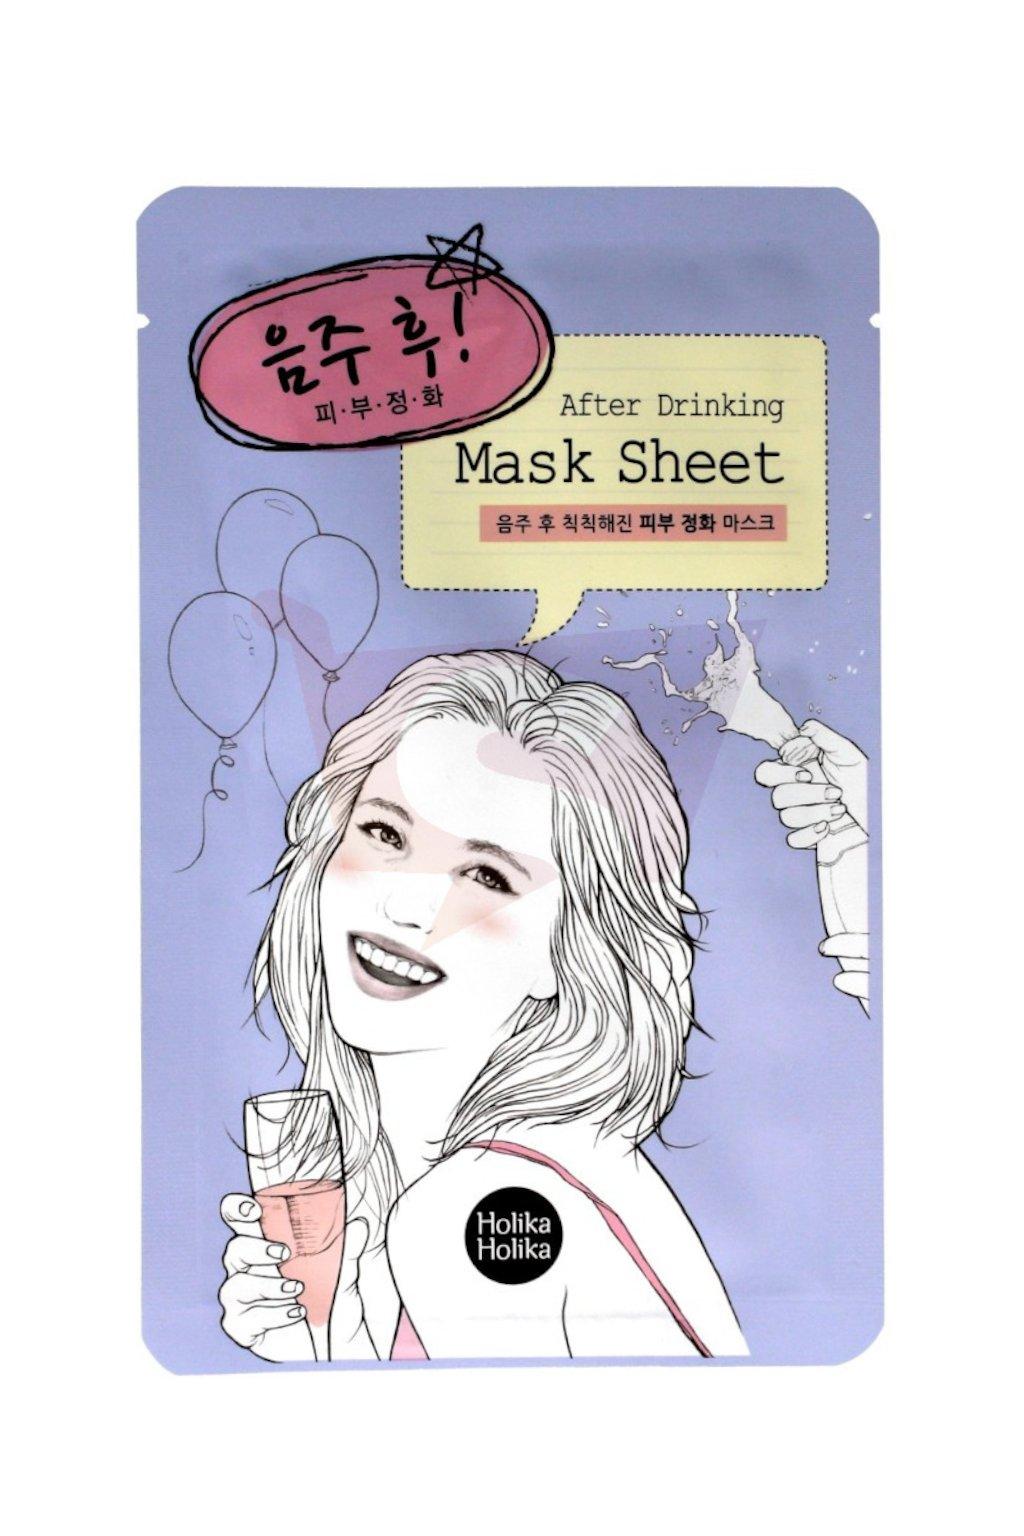 Holika Holika After Drinking Mask Sheet